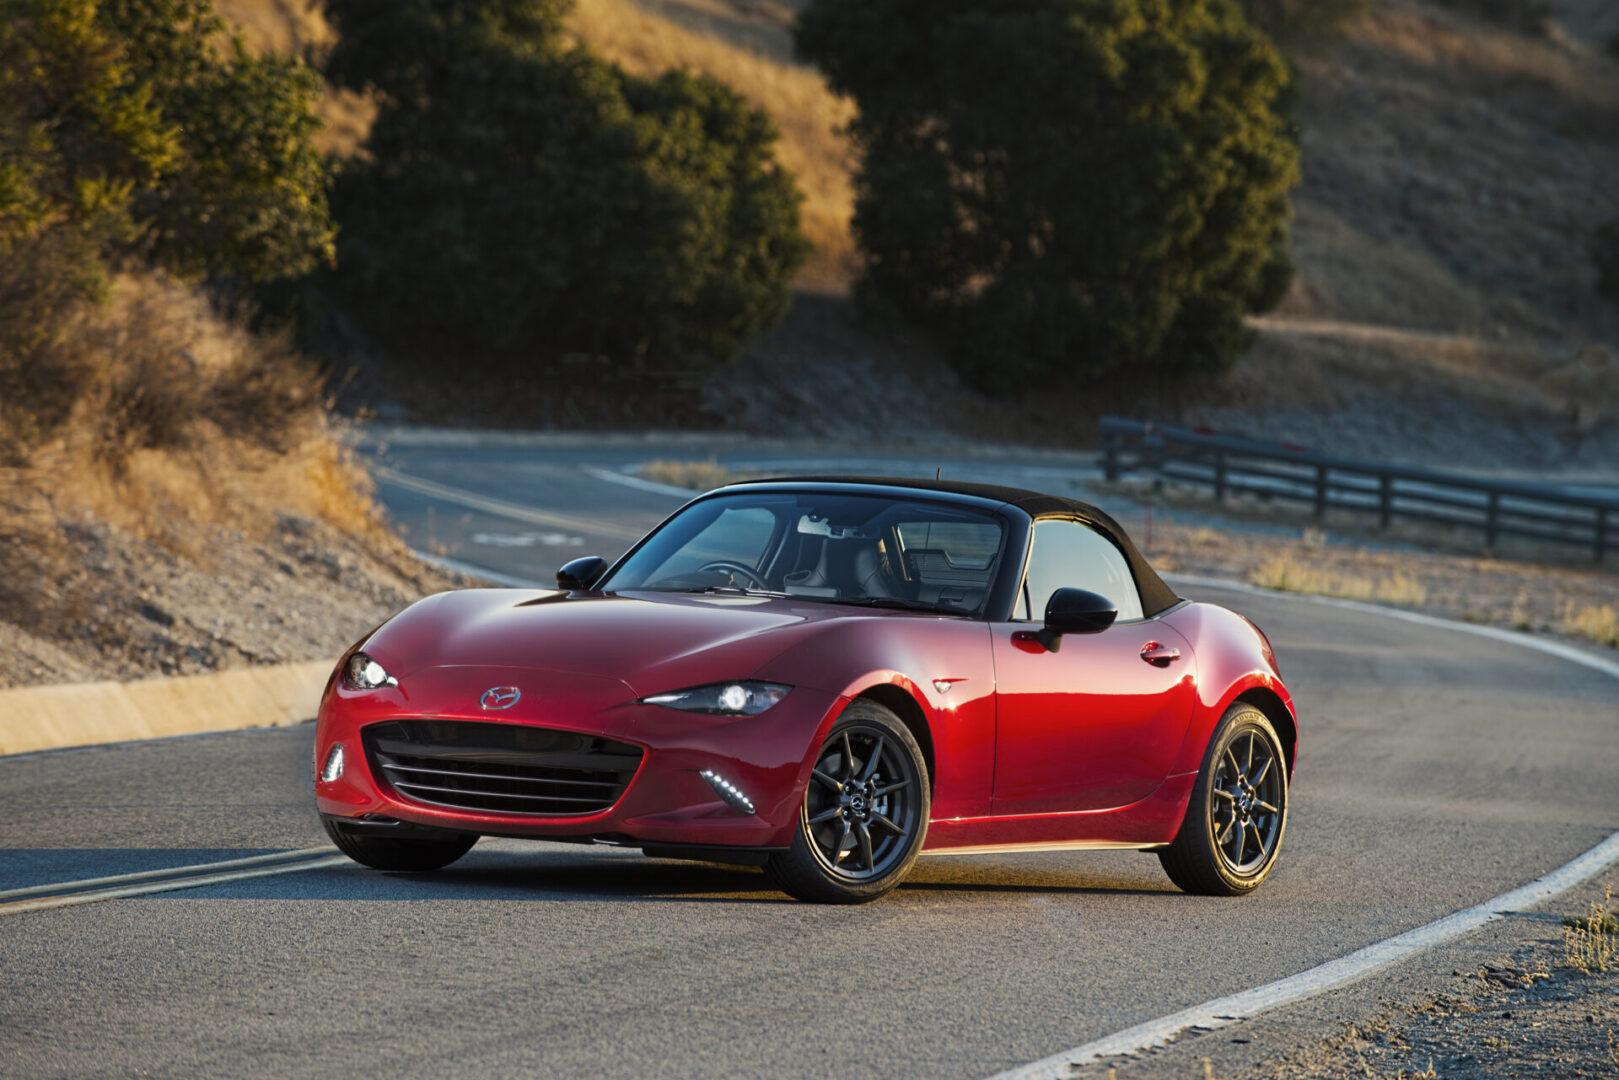 تعرف على السيارات الفائزة بجائزة أجمل تصميم منذ عام 2011 إلى 2021